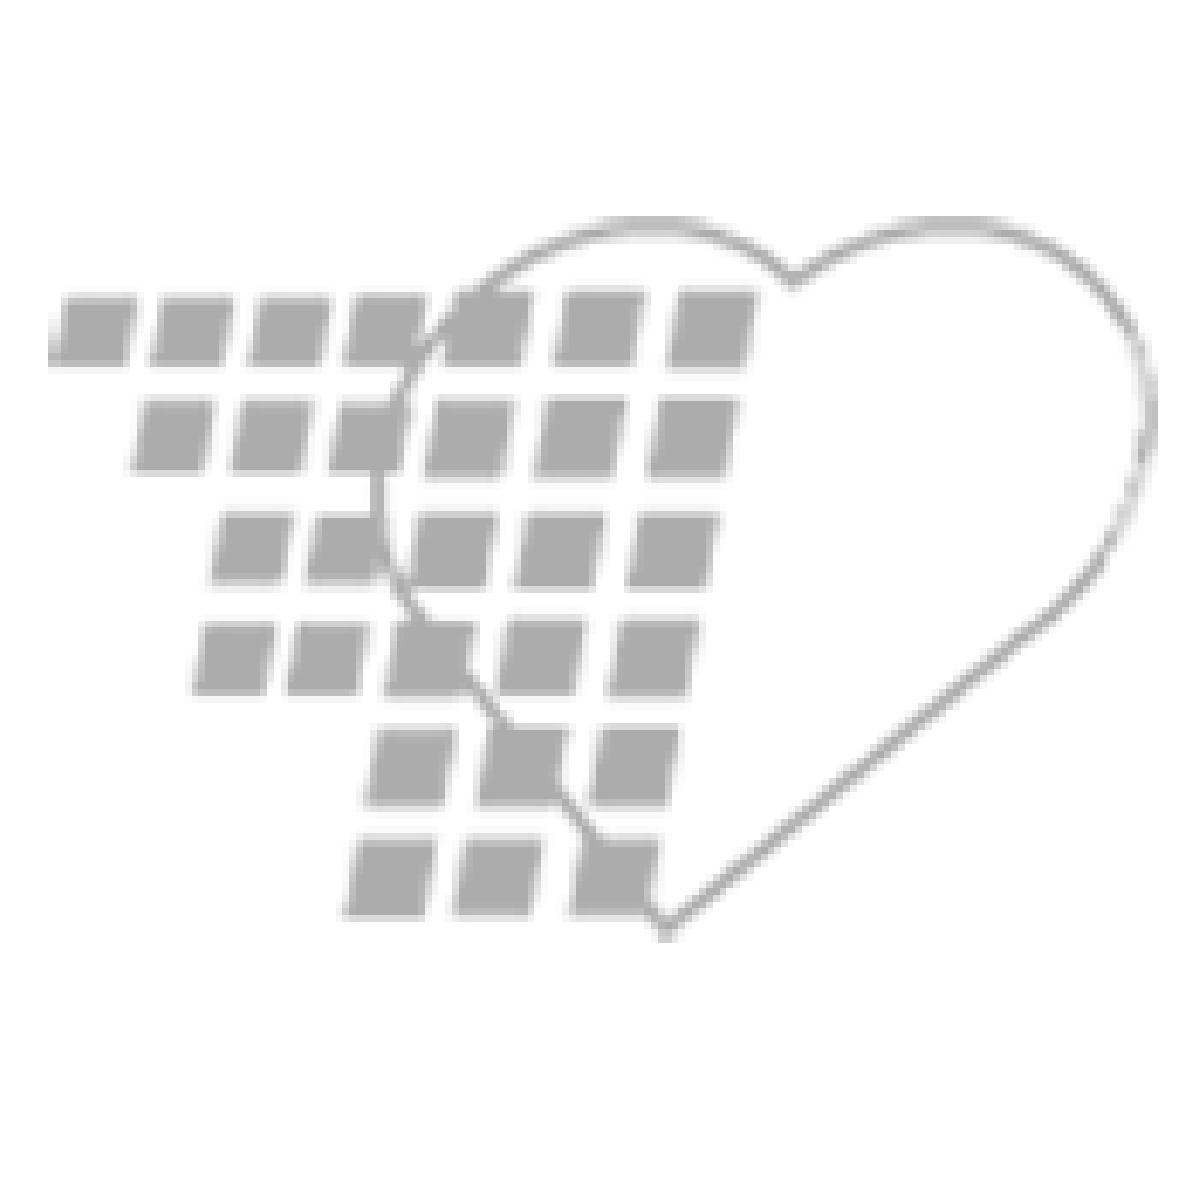 06-93-0068 - Demo Dose® Azithromycn 250 mg - 100 Pills/Bottle